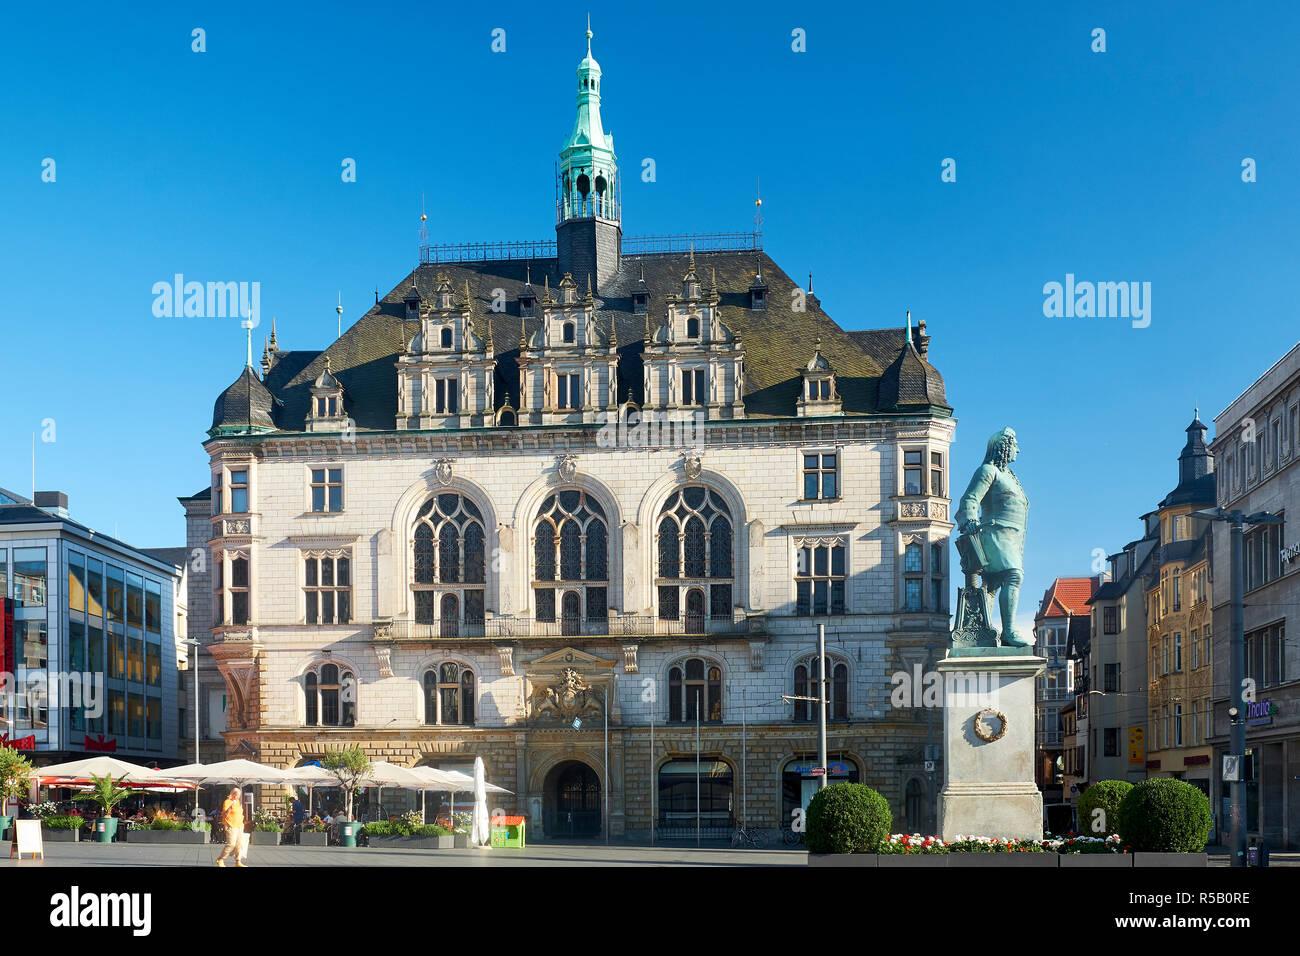 Stadthaus à la place du marché à Halle avec monument Haendel, Halle / Saale, Allemagne Banque D'Images